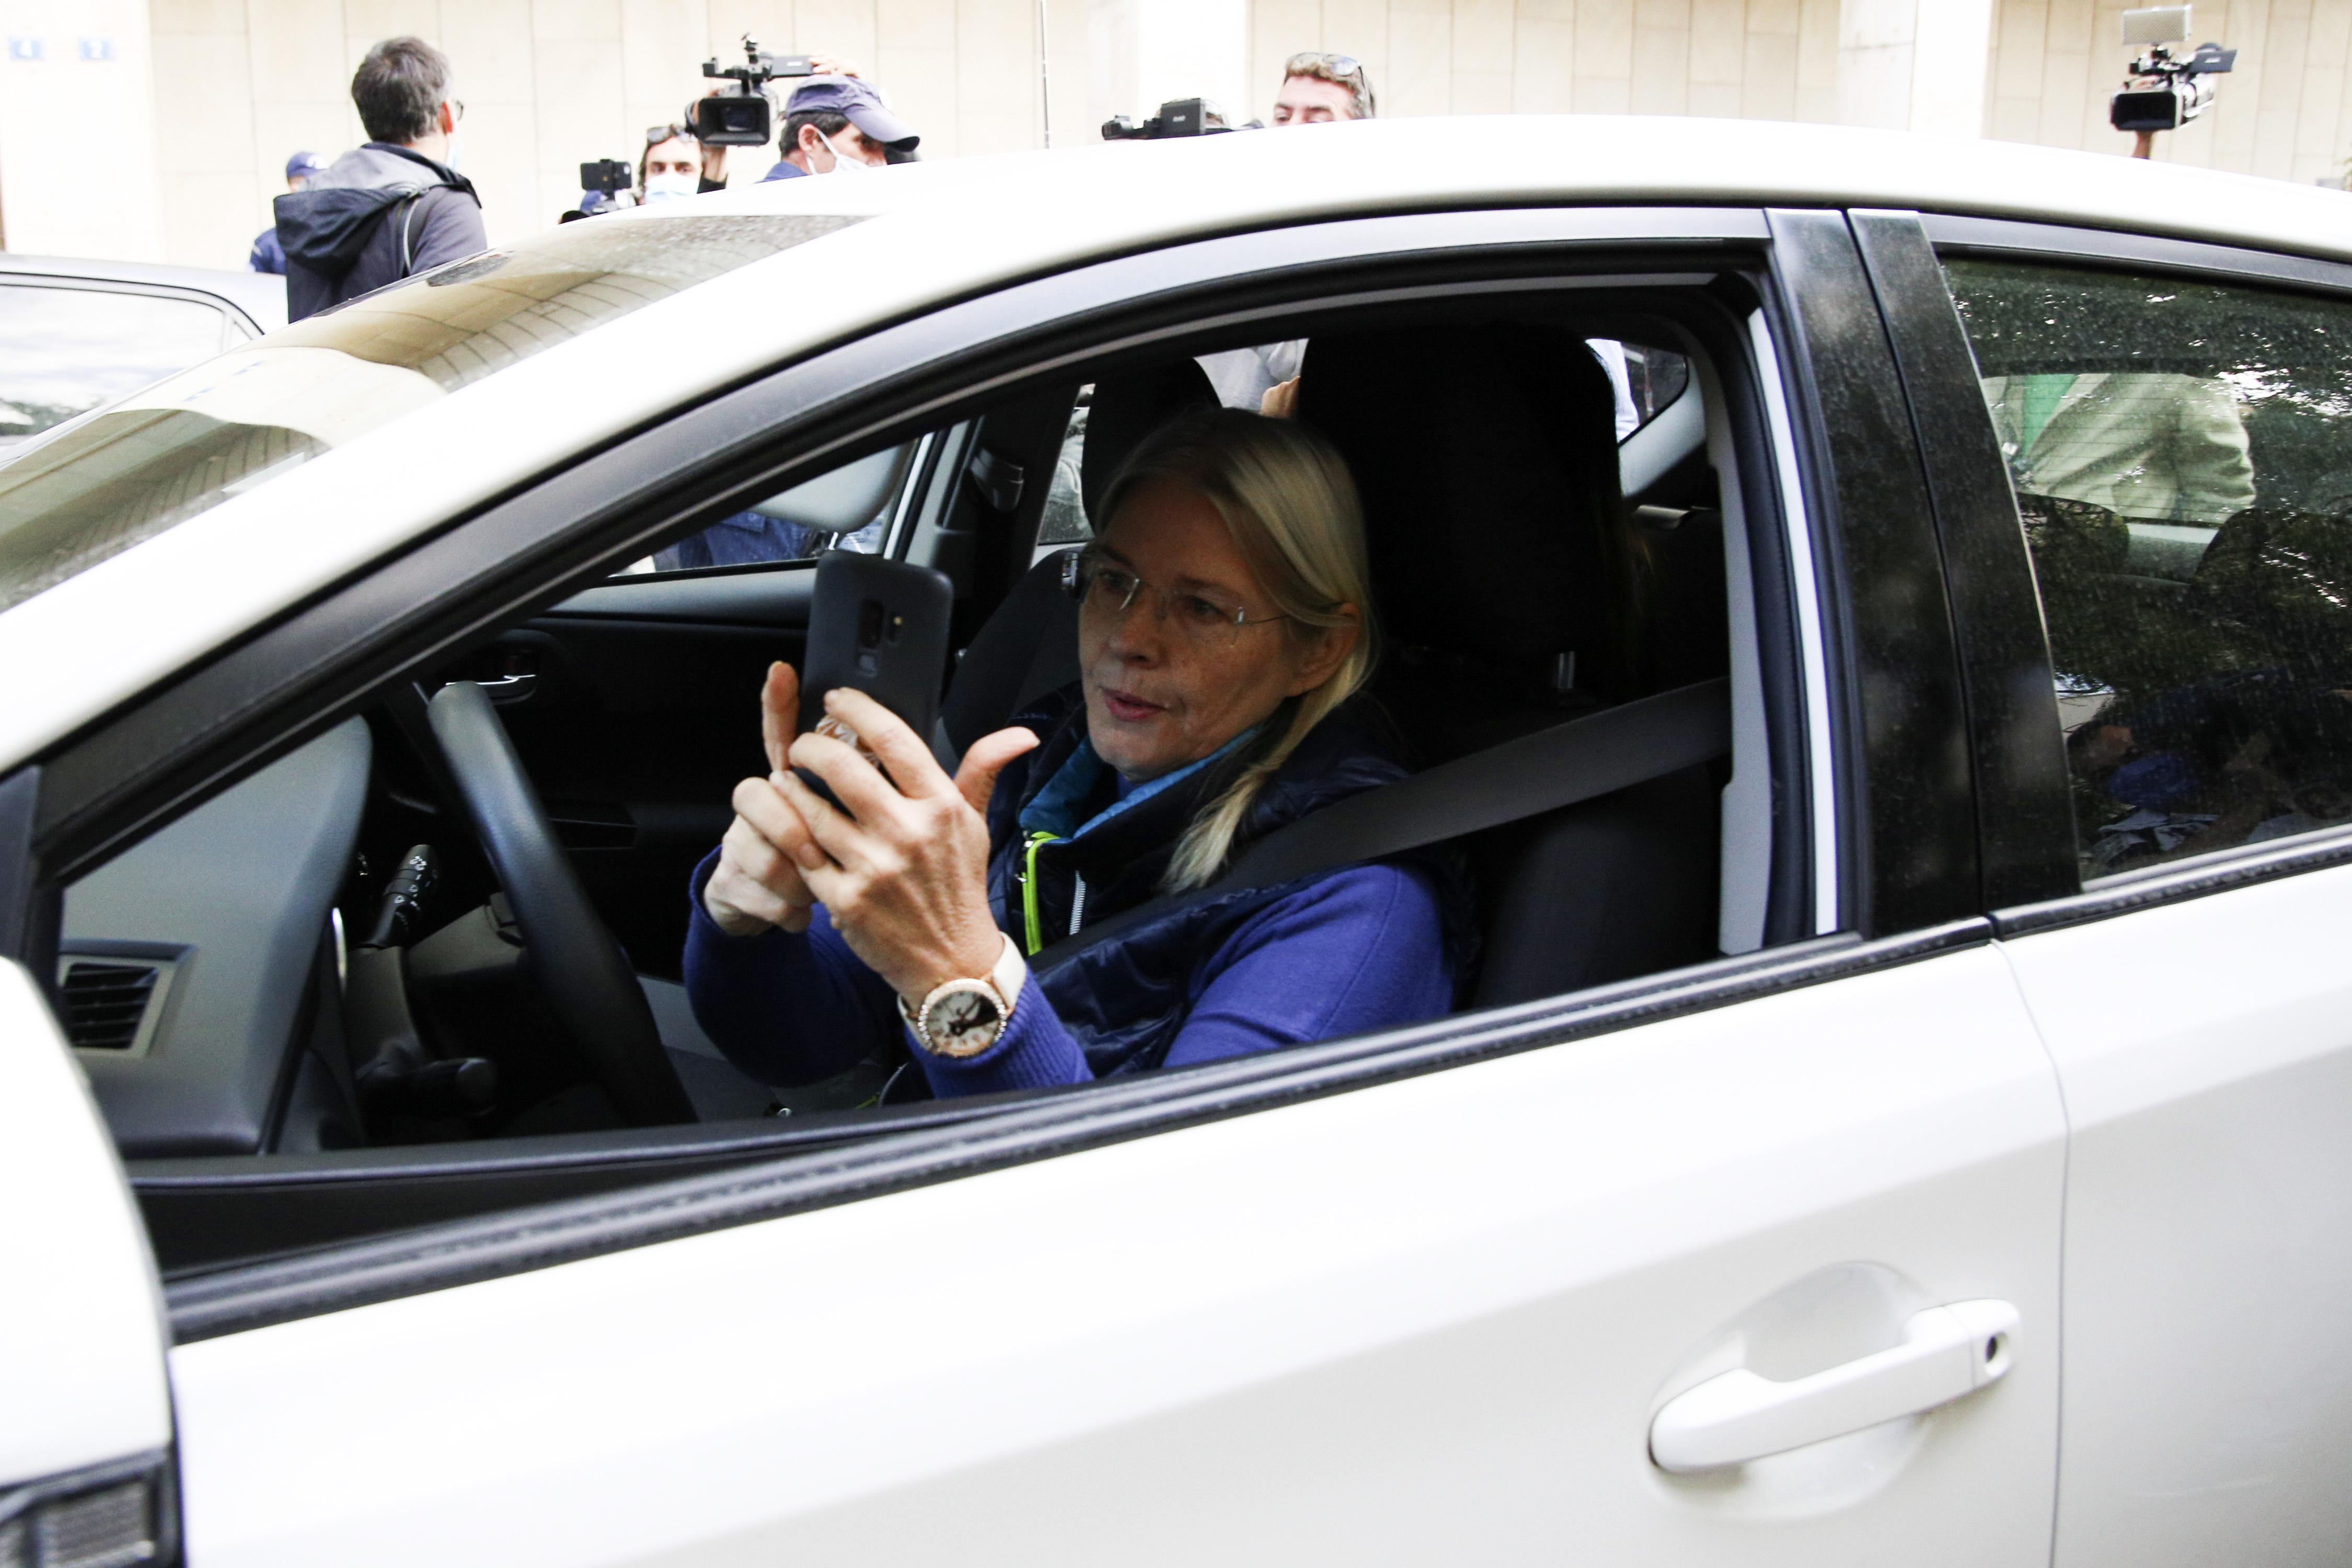 Η Ελένη Ζαρούλια φωτογραφίζει τους... φωτογράφους και τους δημοσιογράφους με το κινητό της